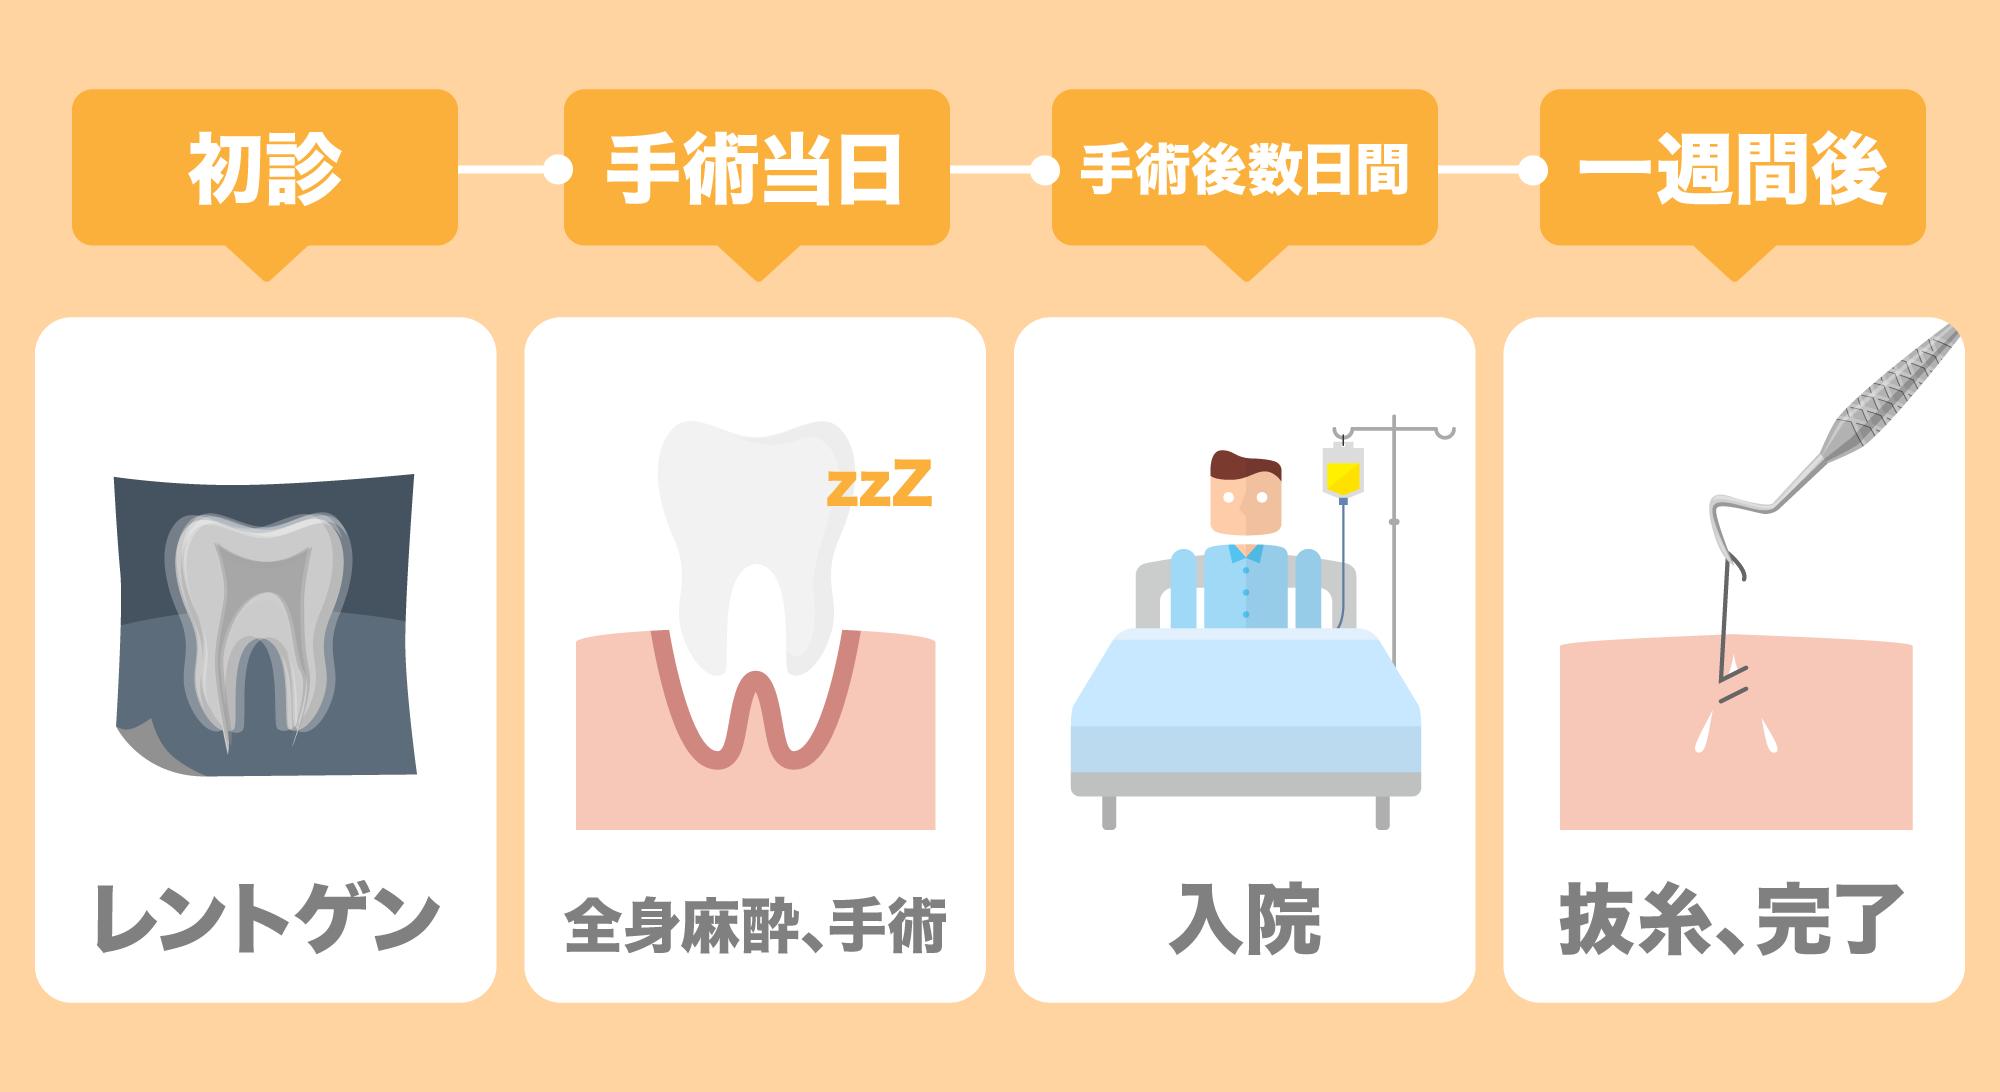 入院して抜歯する流れは、初診→レントゲン、手術当日→全身麻酔をして手術、手術後数日間→入院、一週間後→抜糸、完了となる